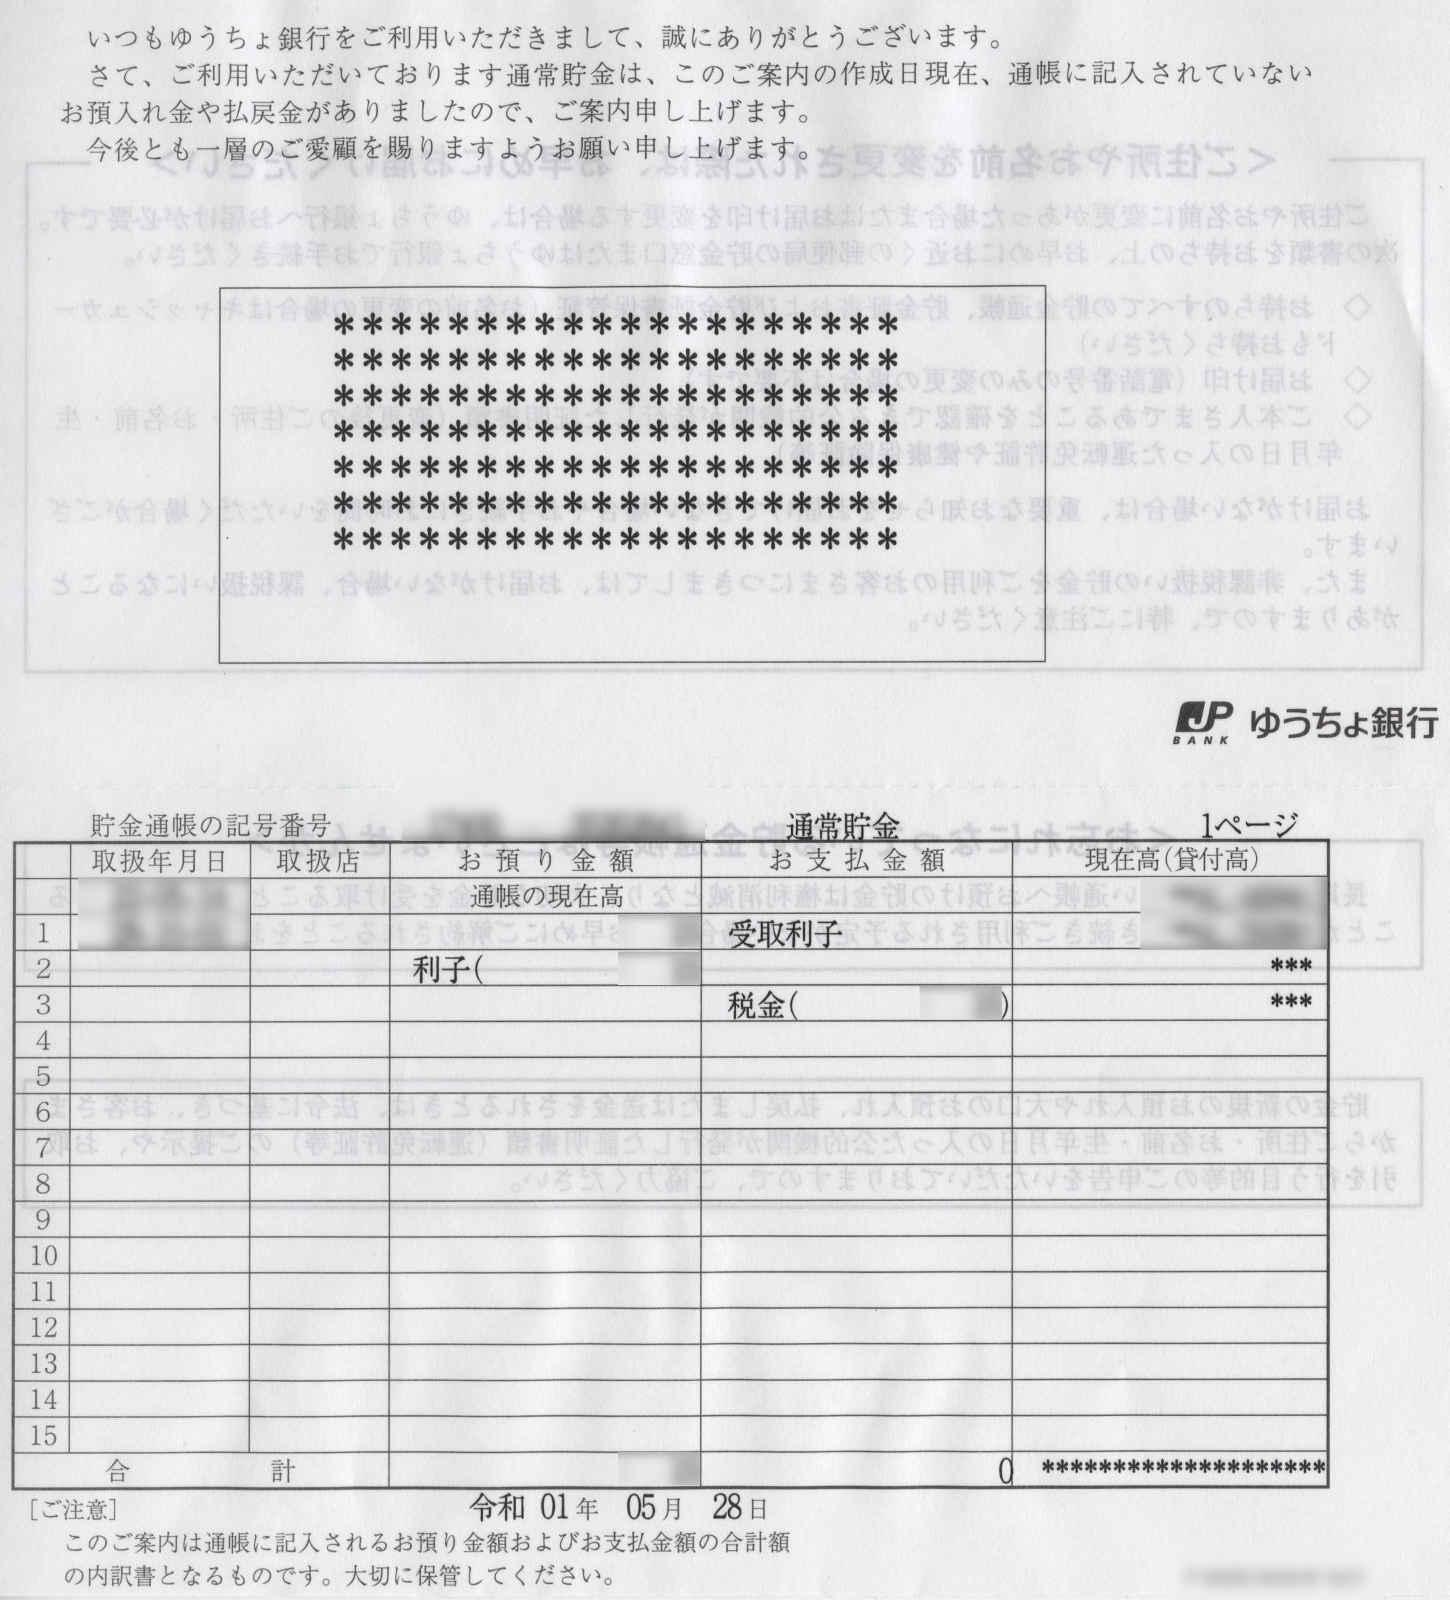 ゆうちょ銀行_払戻内訳書スキャン